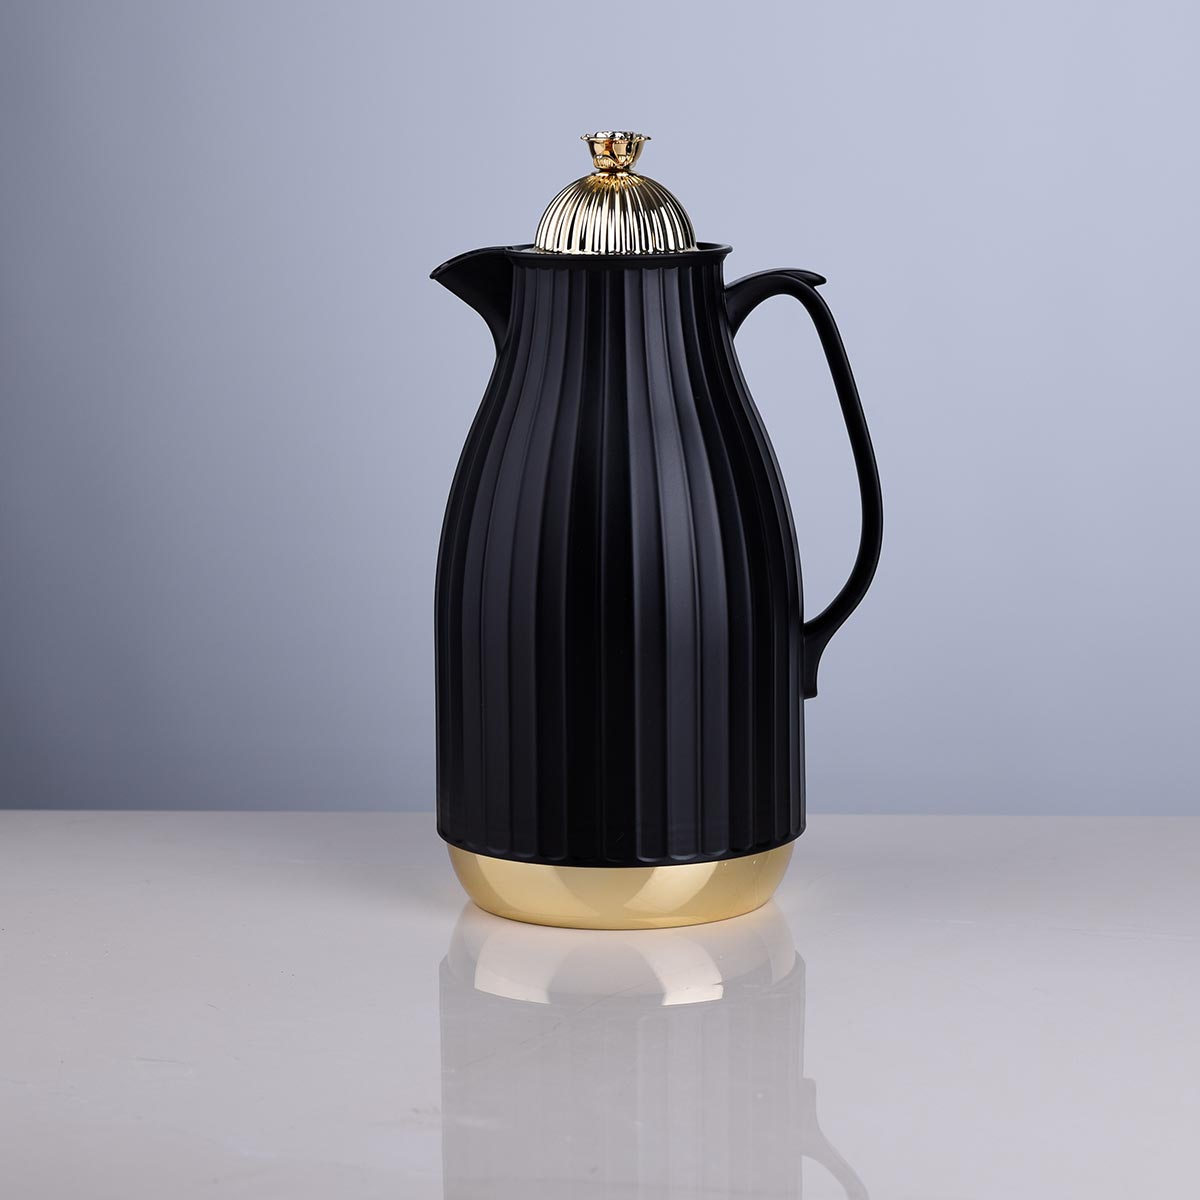 ترمس شاي وقهوة هوست ناردل ورده مطفي , 1.5 لتر , متعدد الالوان  HNMCR